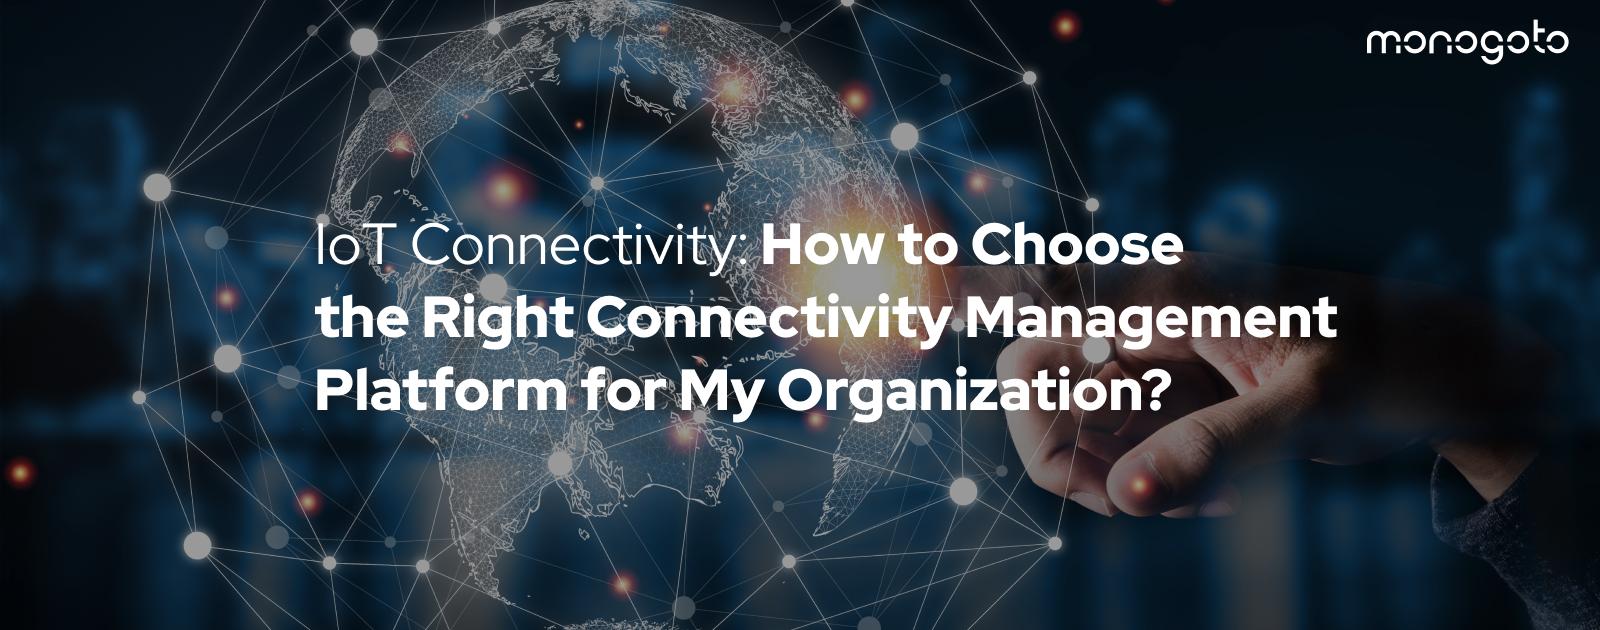 Connectivity Management Platforms